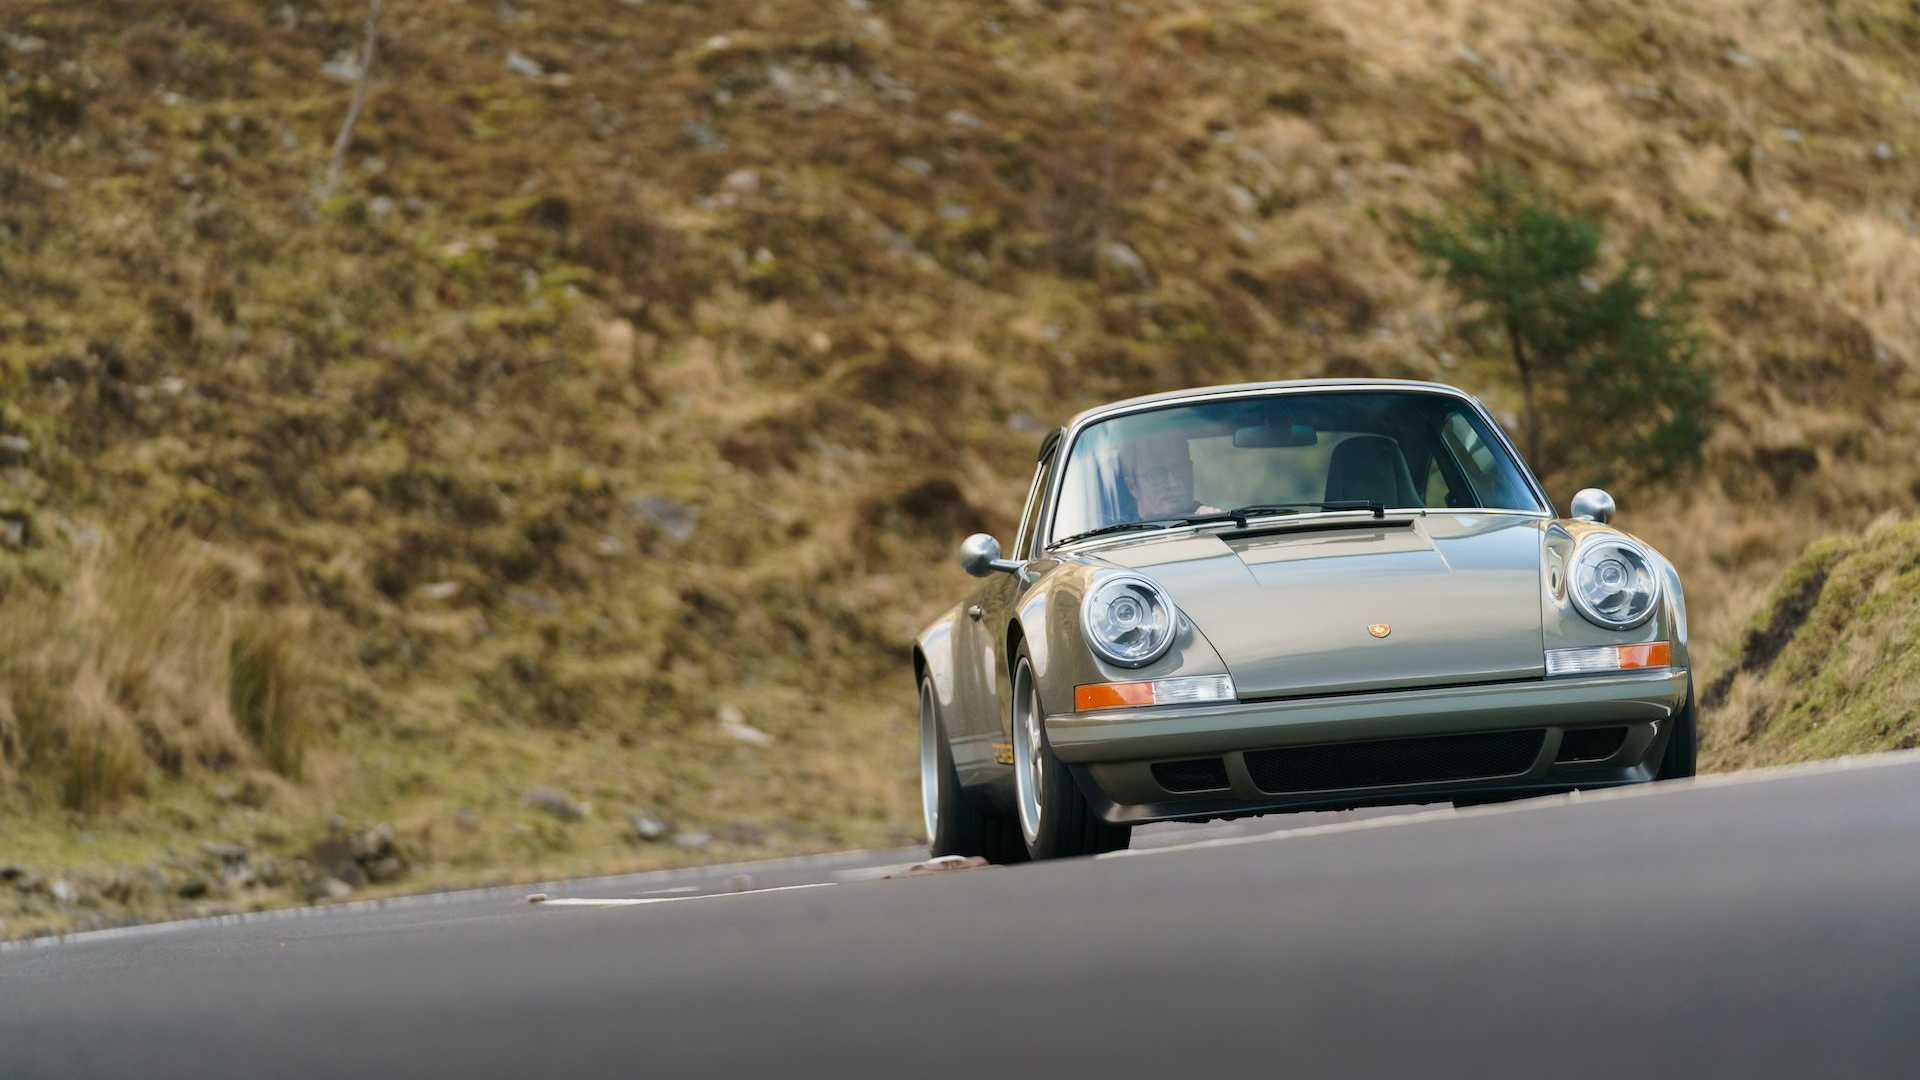 Theon-Design-HK002-Porsche-911-8